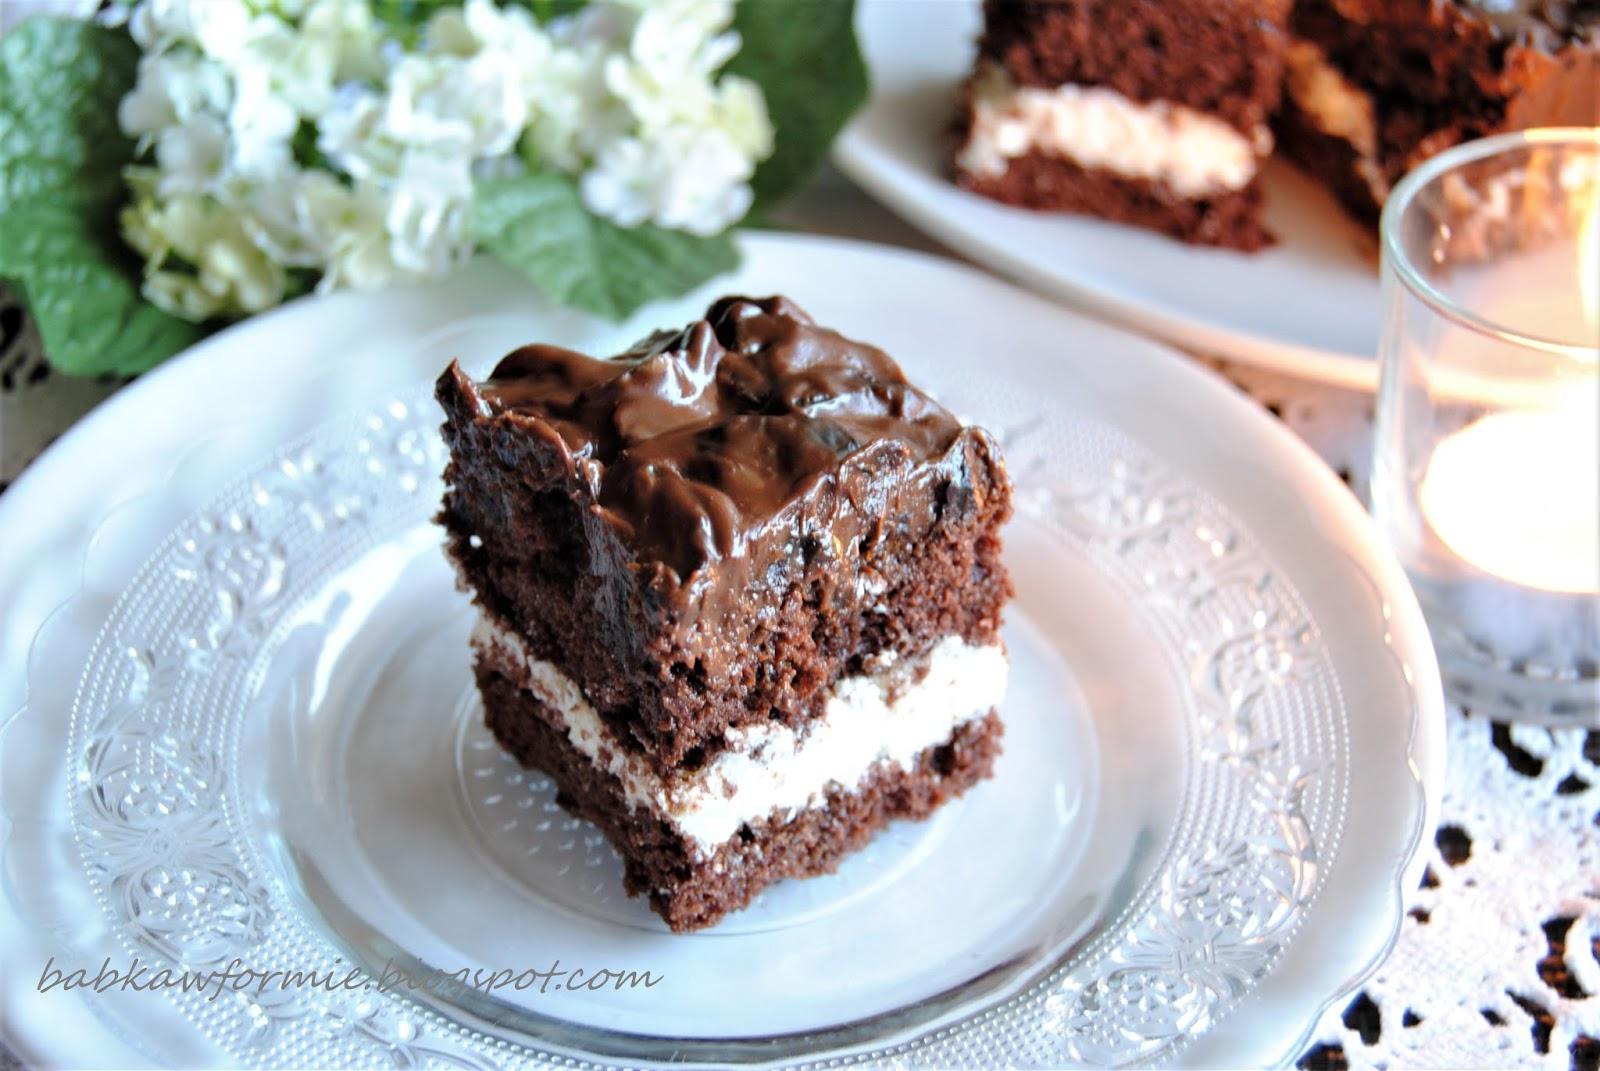 ciasto śliwka w czekoladzie babkawformie.blogspot.com